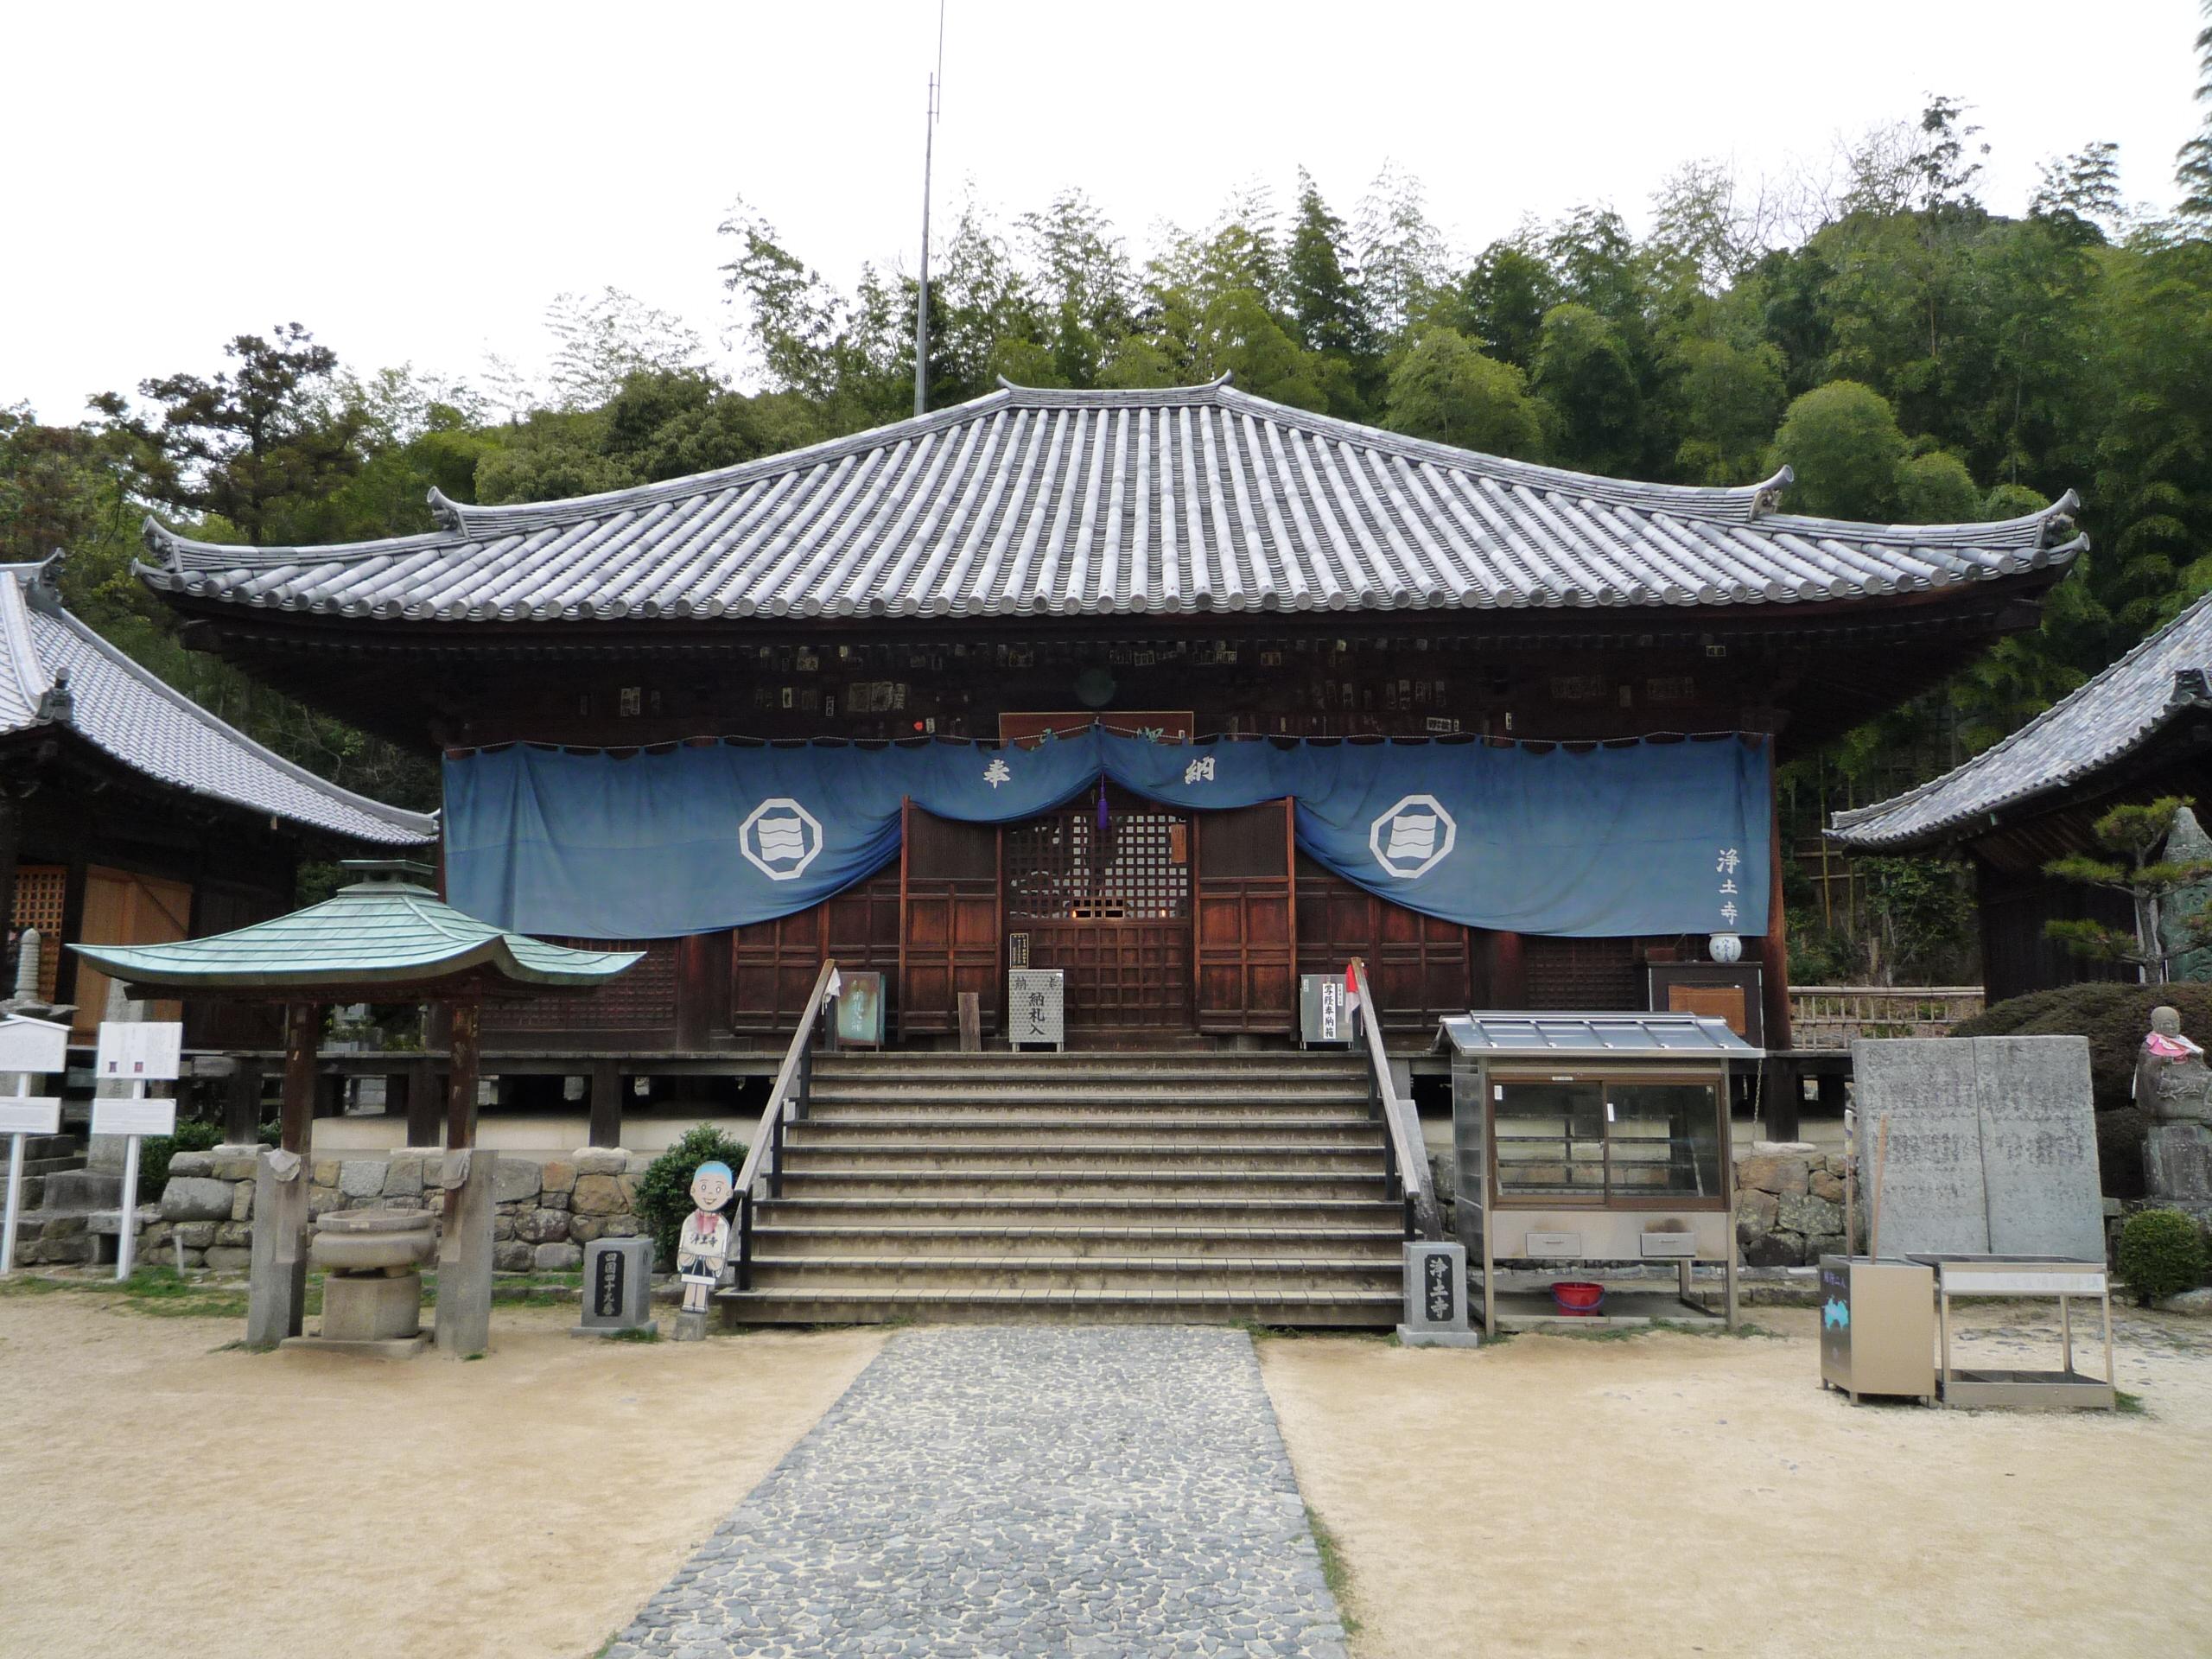 8-8 浄土寺本堂